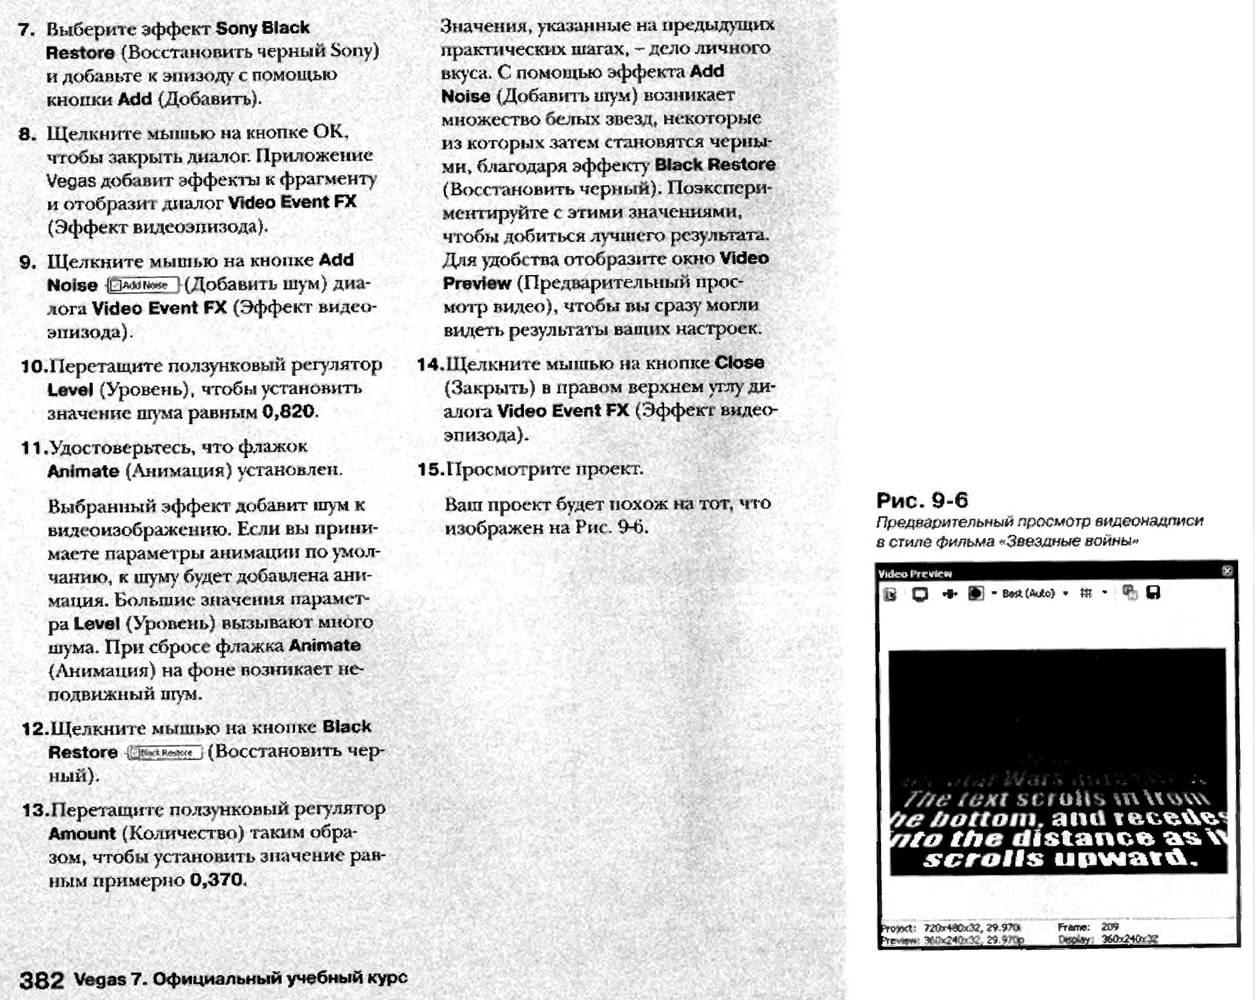 http://redaktori-uroki.3dn.ru/_ph/12/650843494.jpg